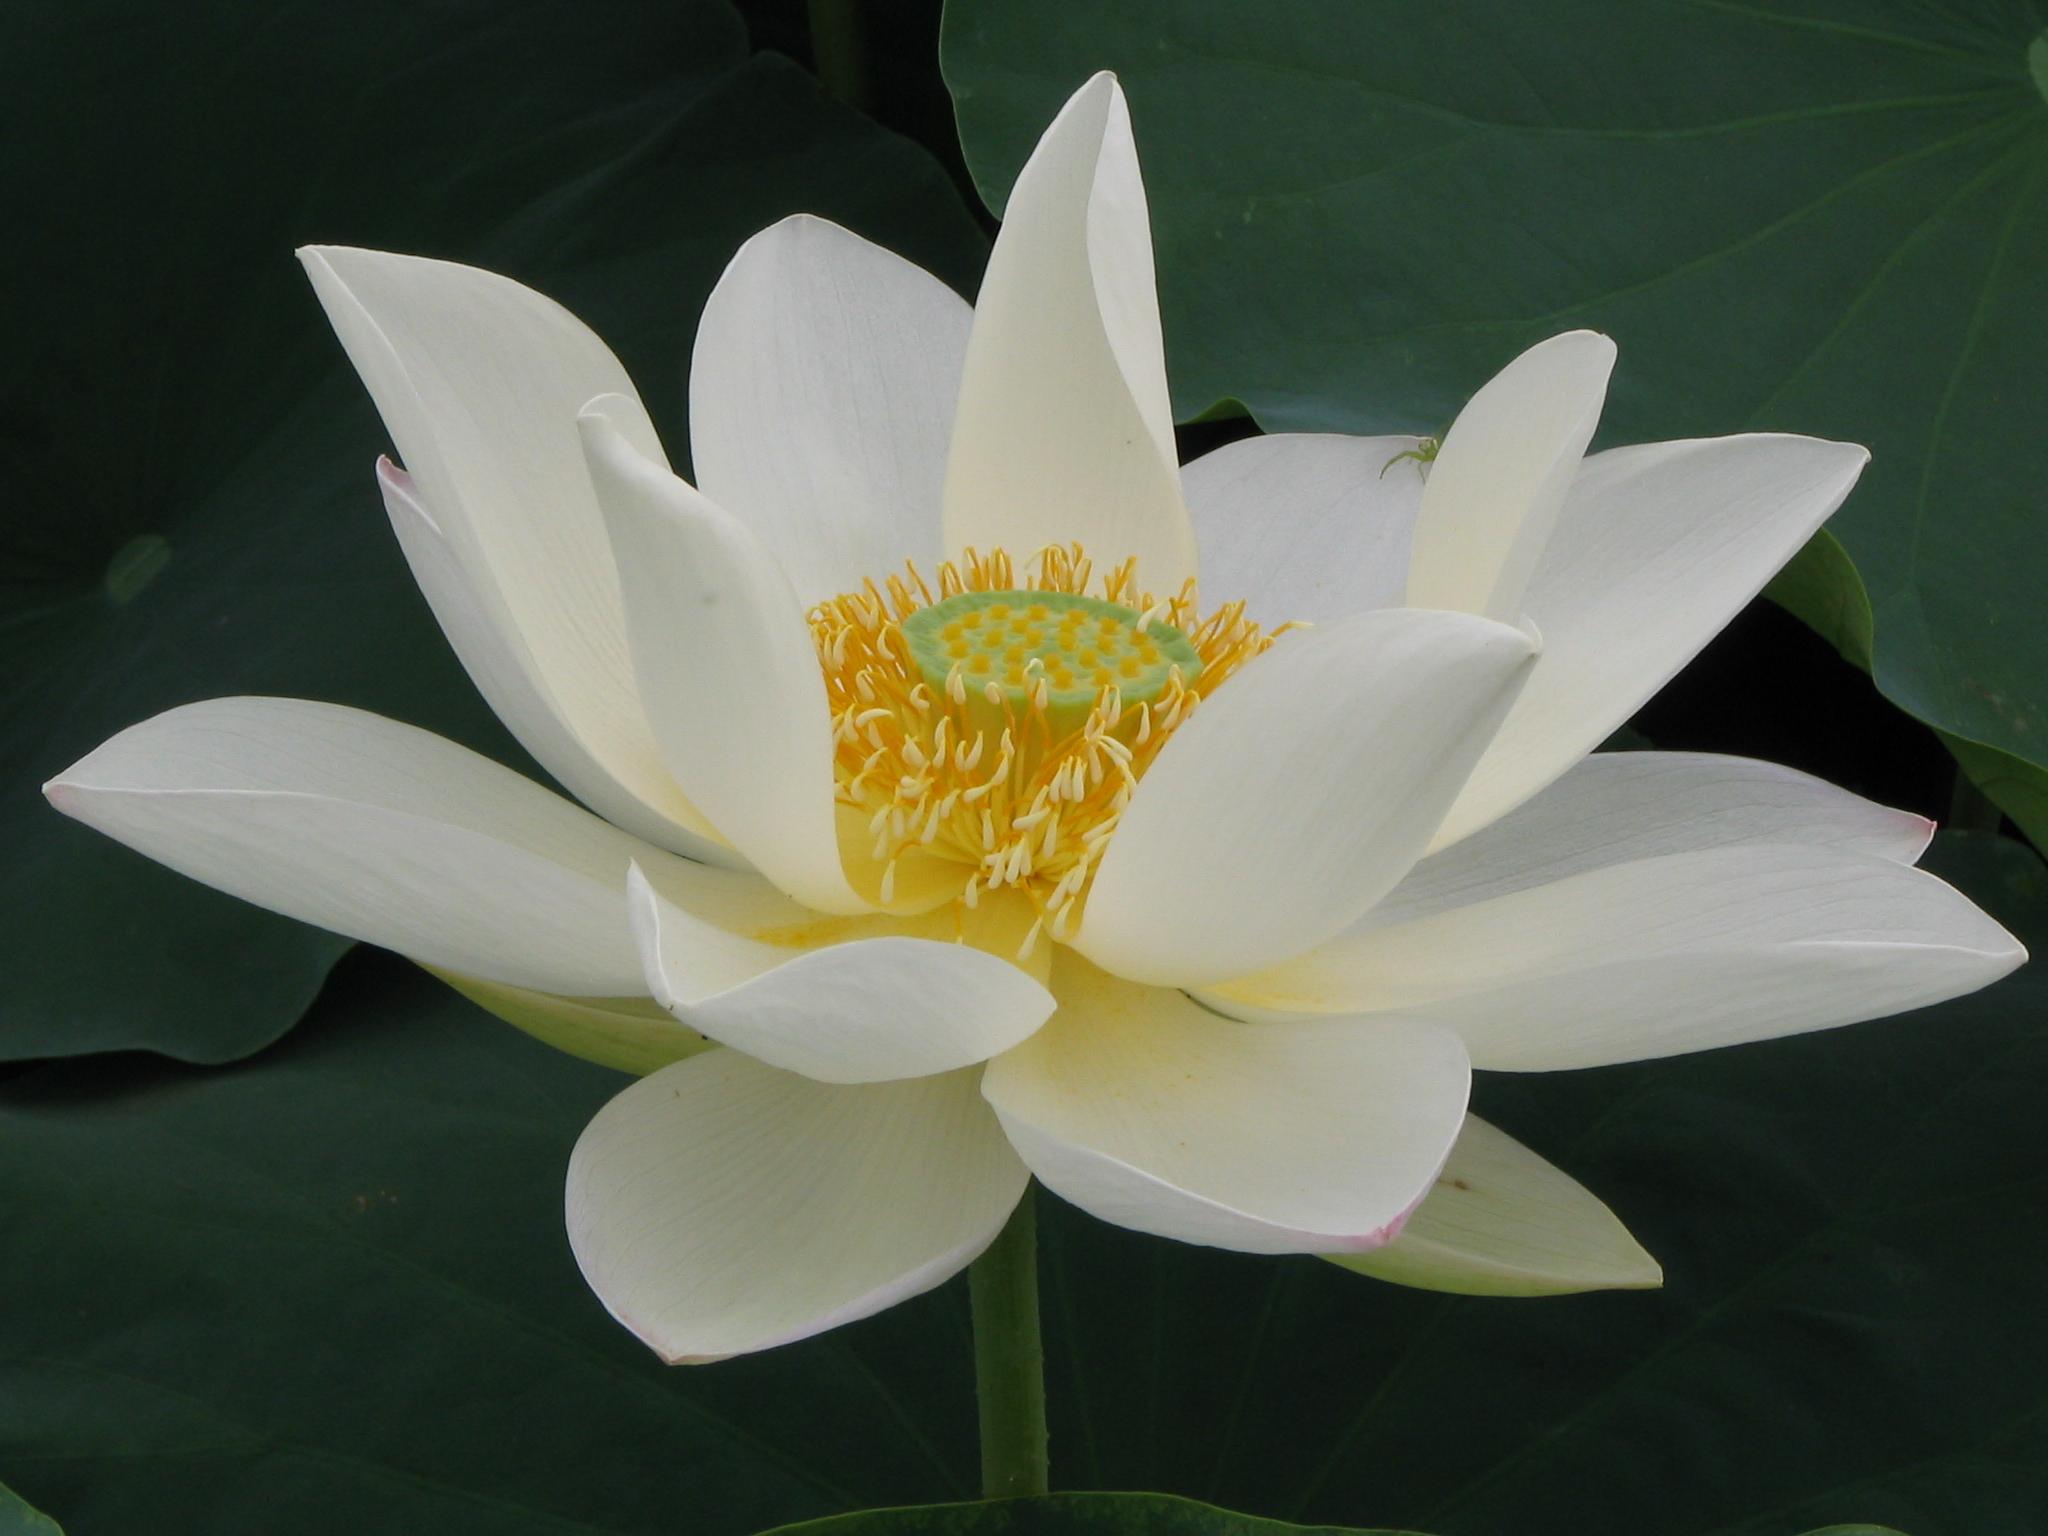 绿度母咒 - 春兰之馨香 - 香光庄严卍念佛三昧